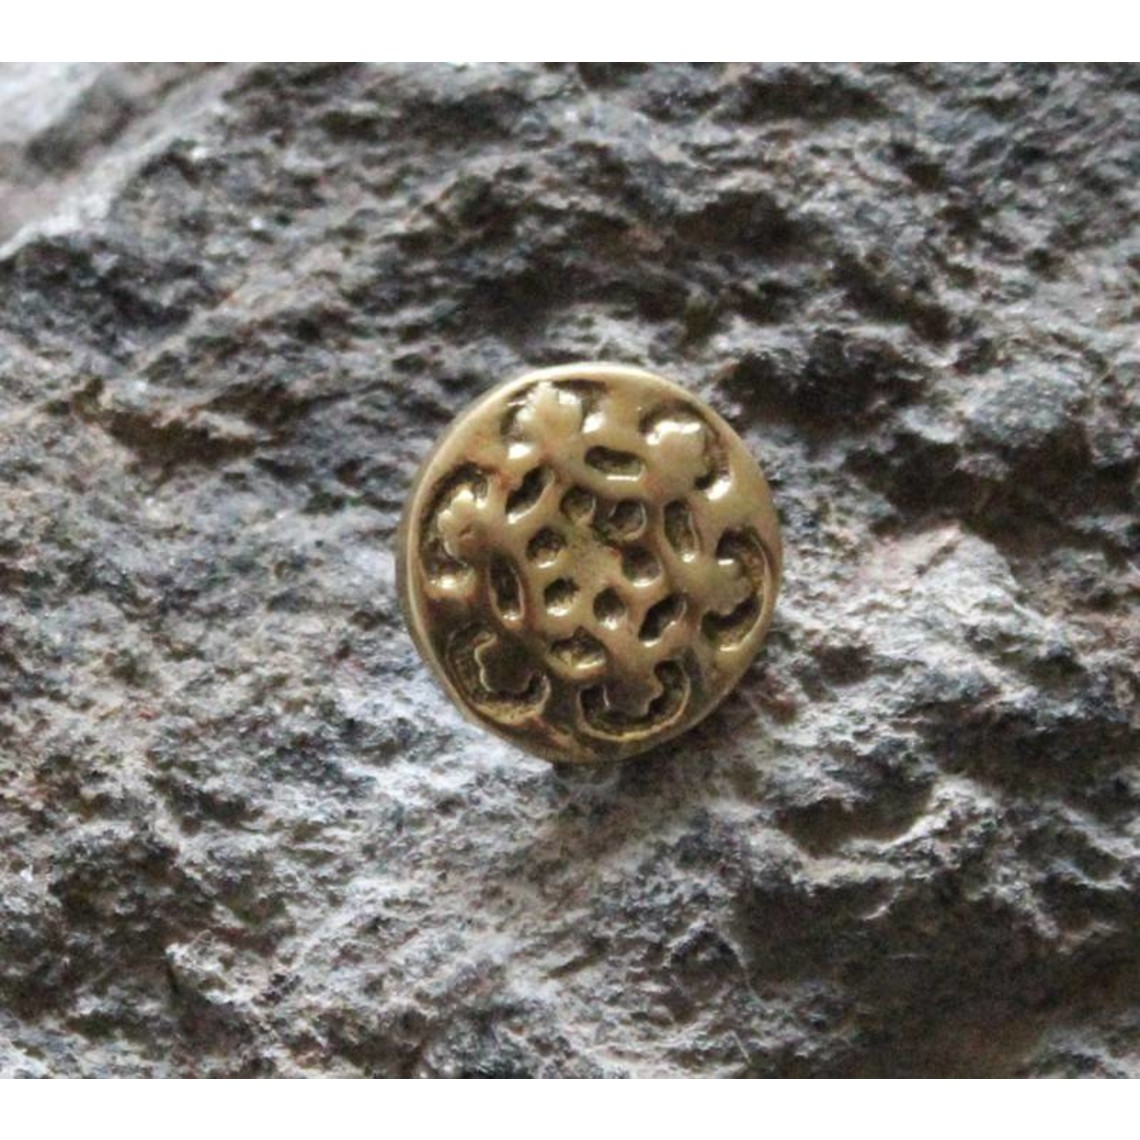 Marshal Historical Conjunto de 10 botones del siglo 15